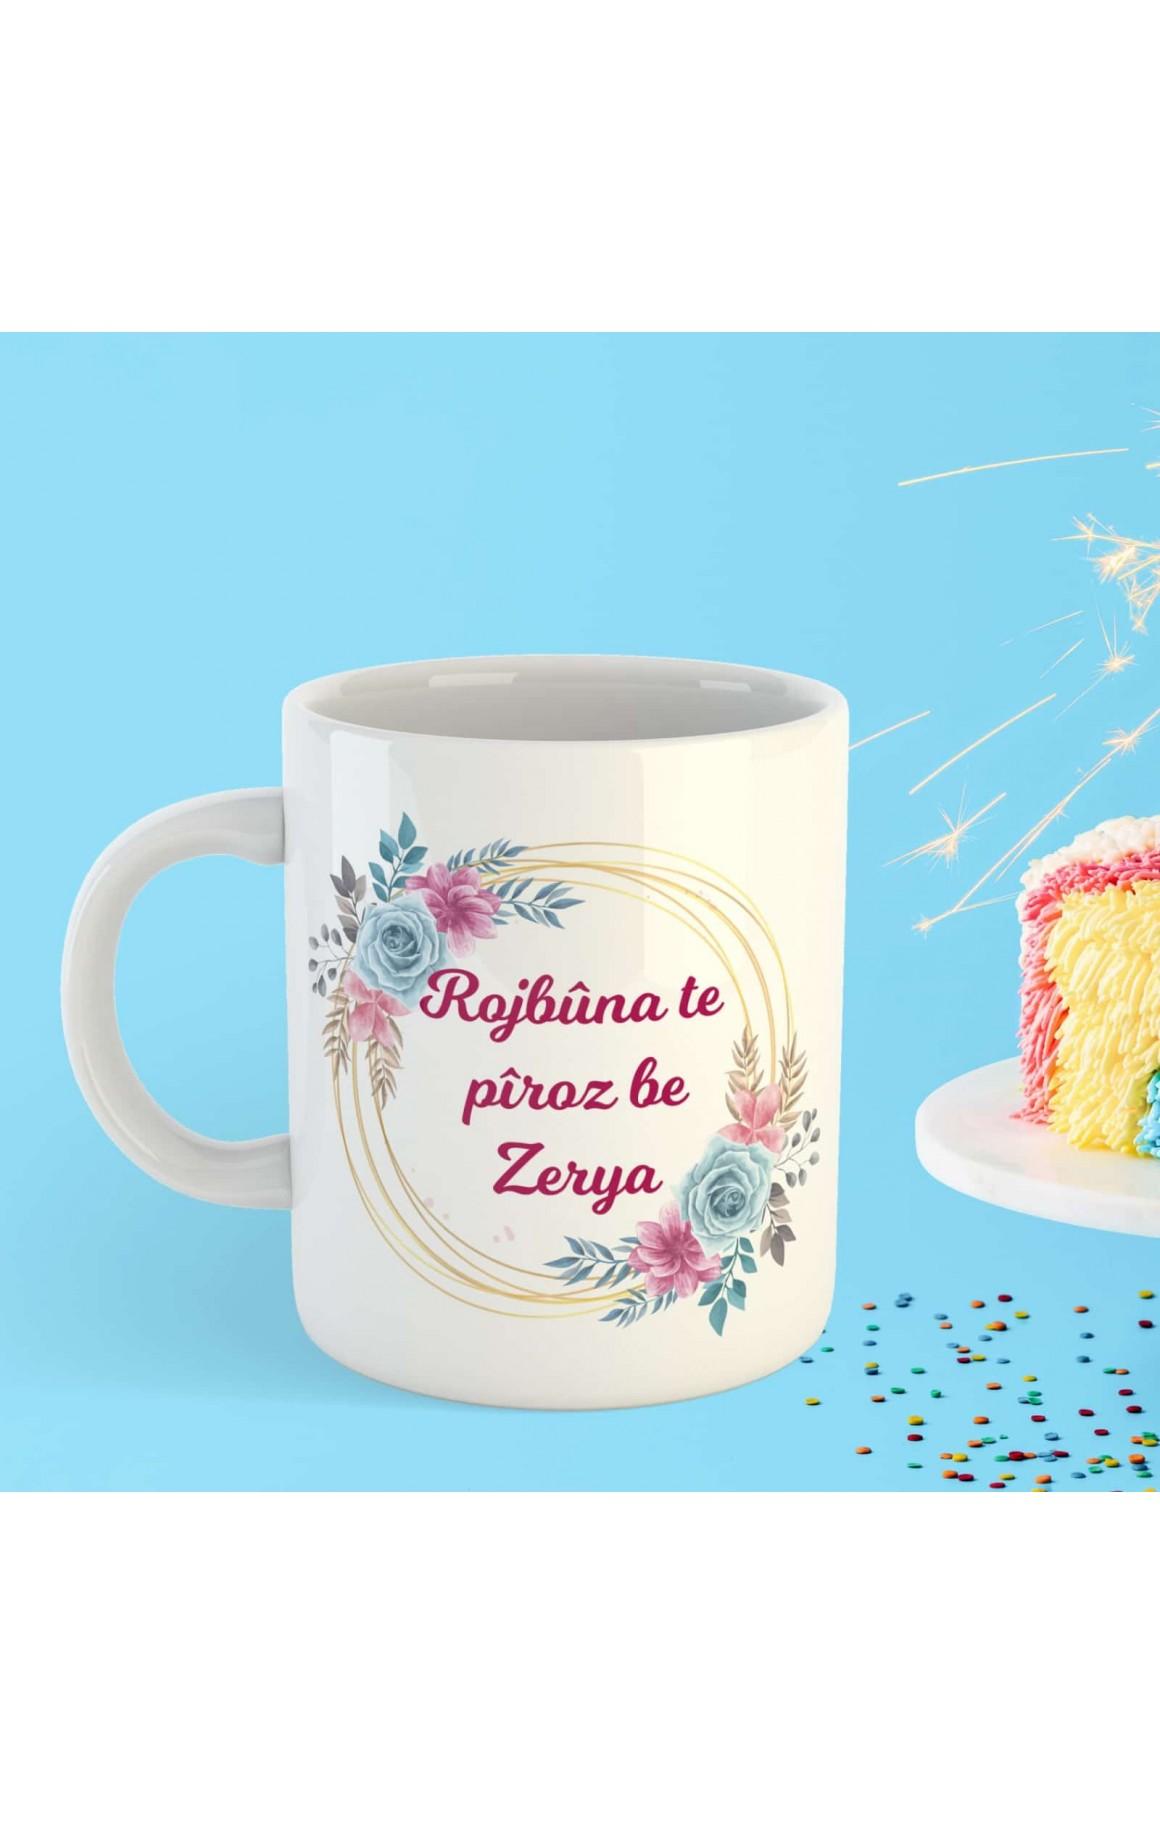 Doğum Gününe Özel İsimli Porselen Kupa - Rojbûn